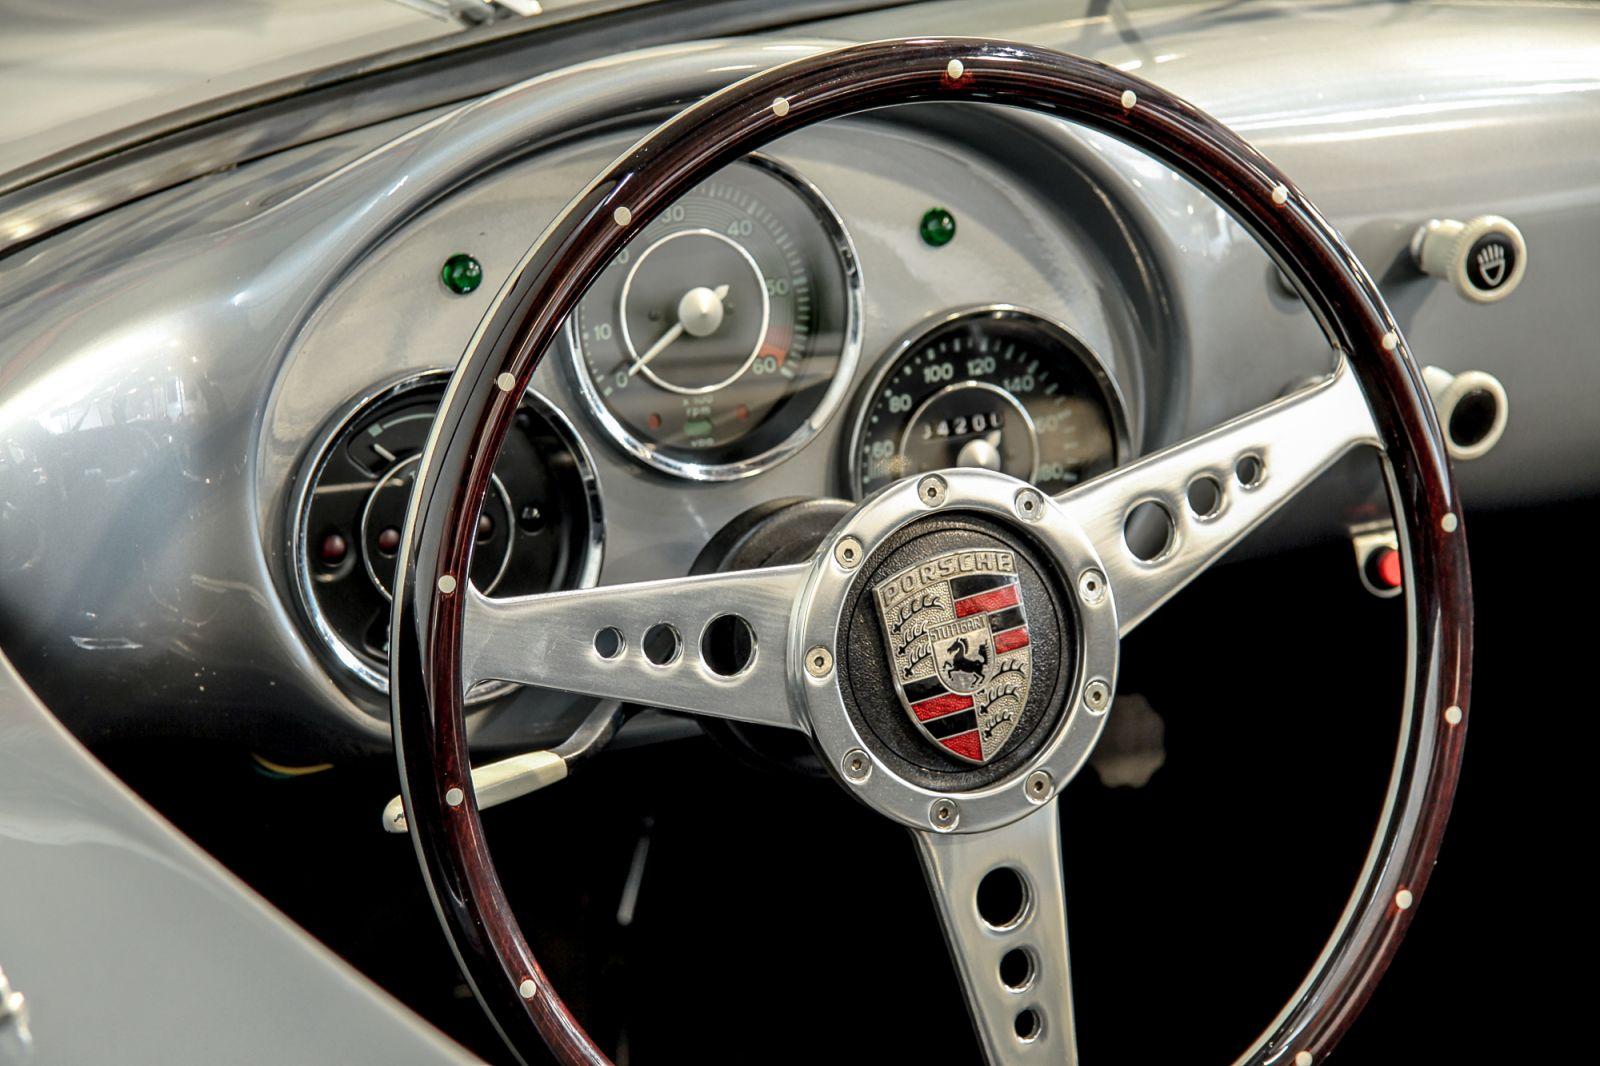 porsche aci 550 spyder replica - Porsche Spyder Replica